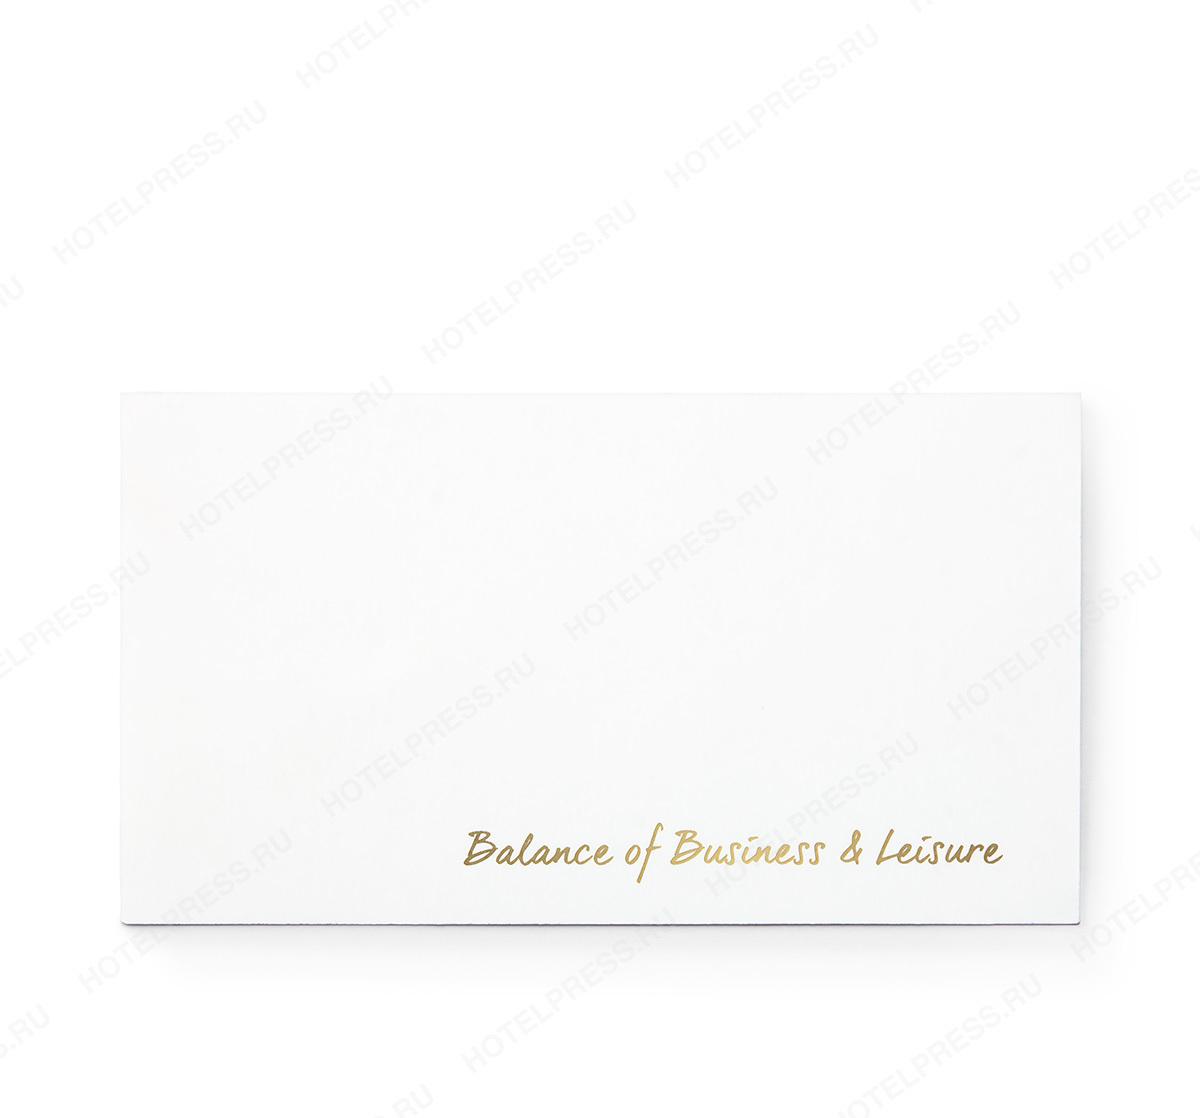 визитка офсетная печать с шелкографией